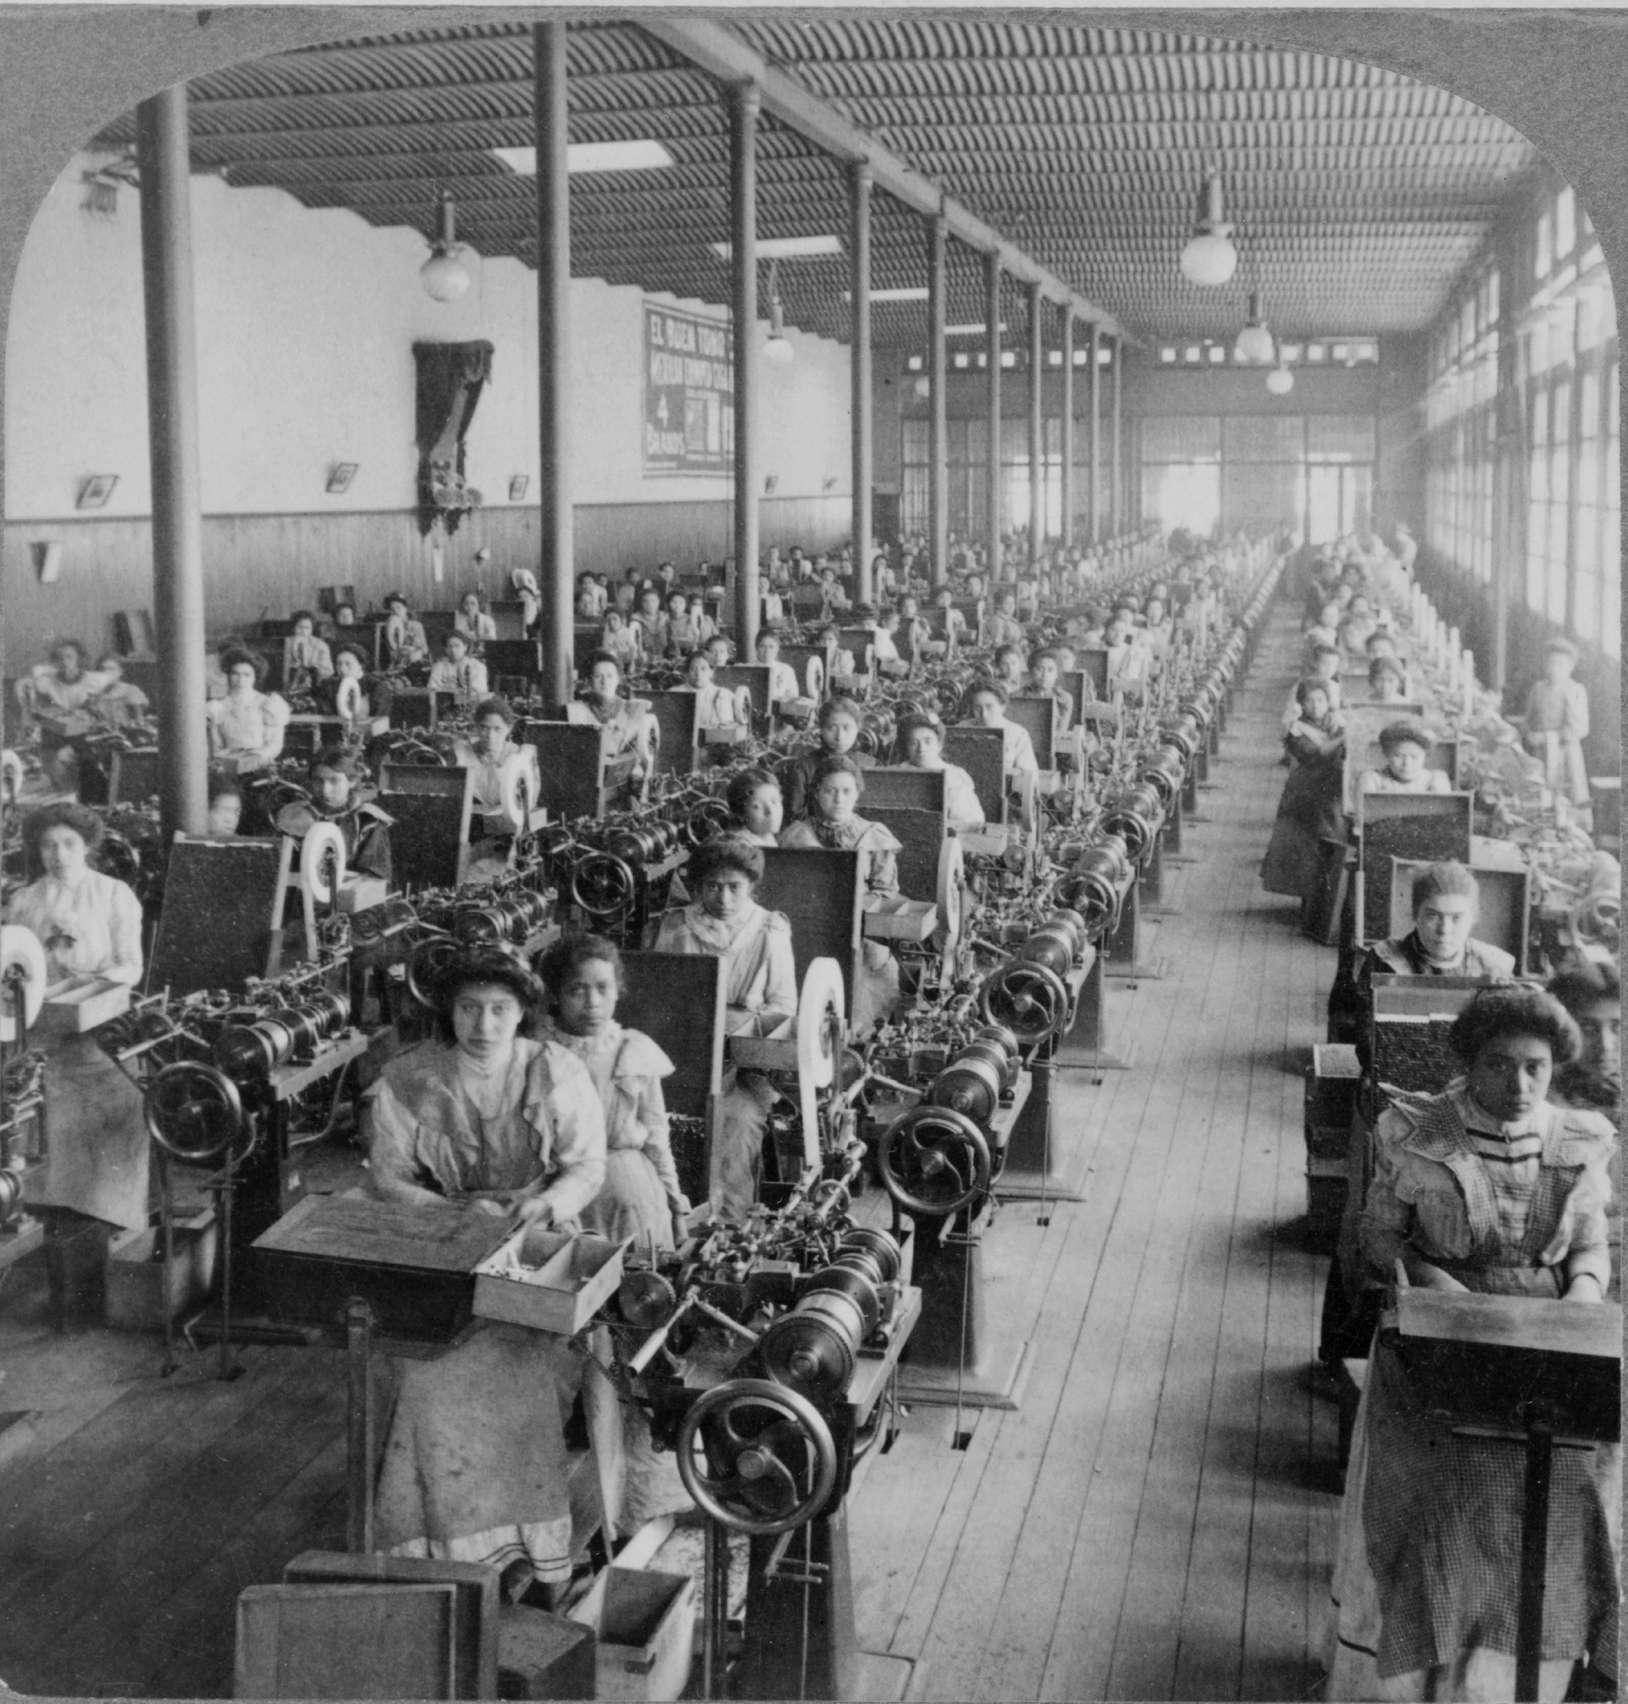 Εργάτριες σε εργοστάσιο σιγαρέττων, 19ος αιώνας